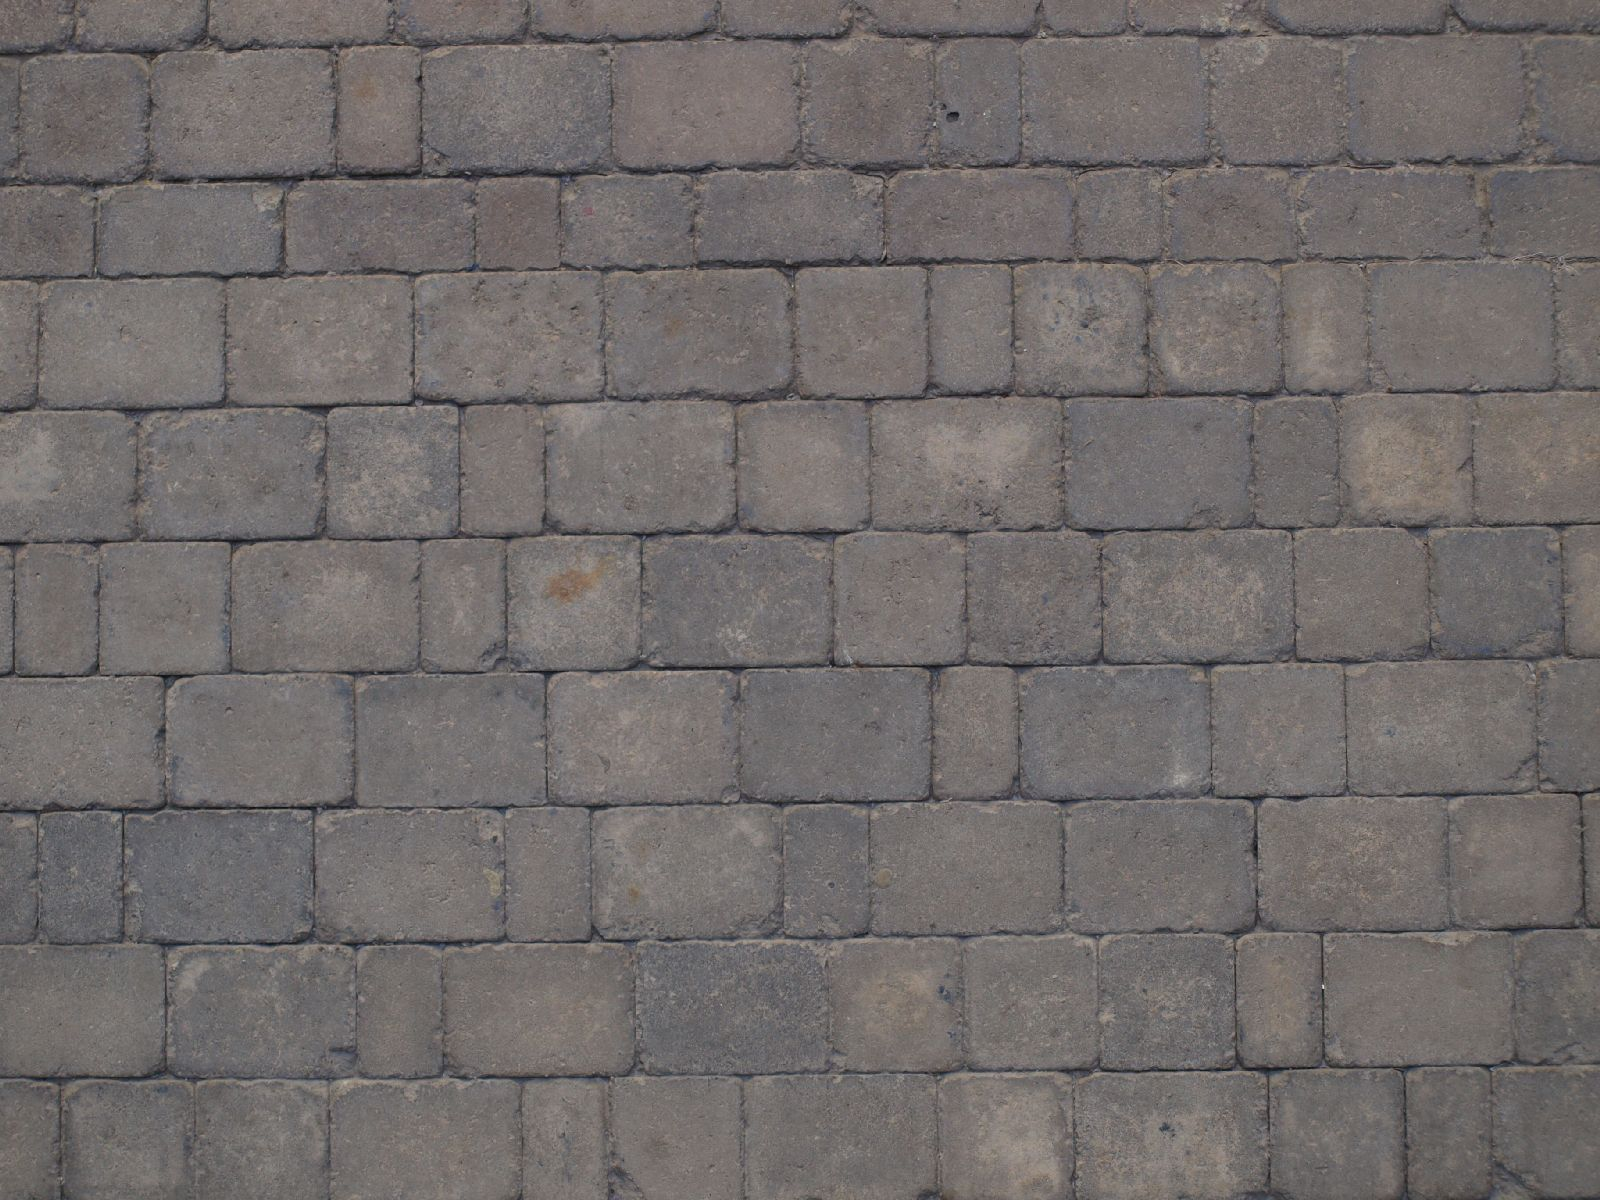 Boden-Gehweg-Strasse-Buergersteig-Textur_A_P5224429